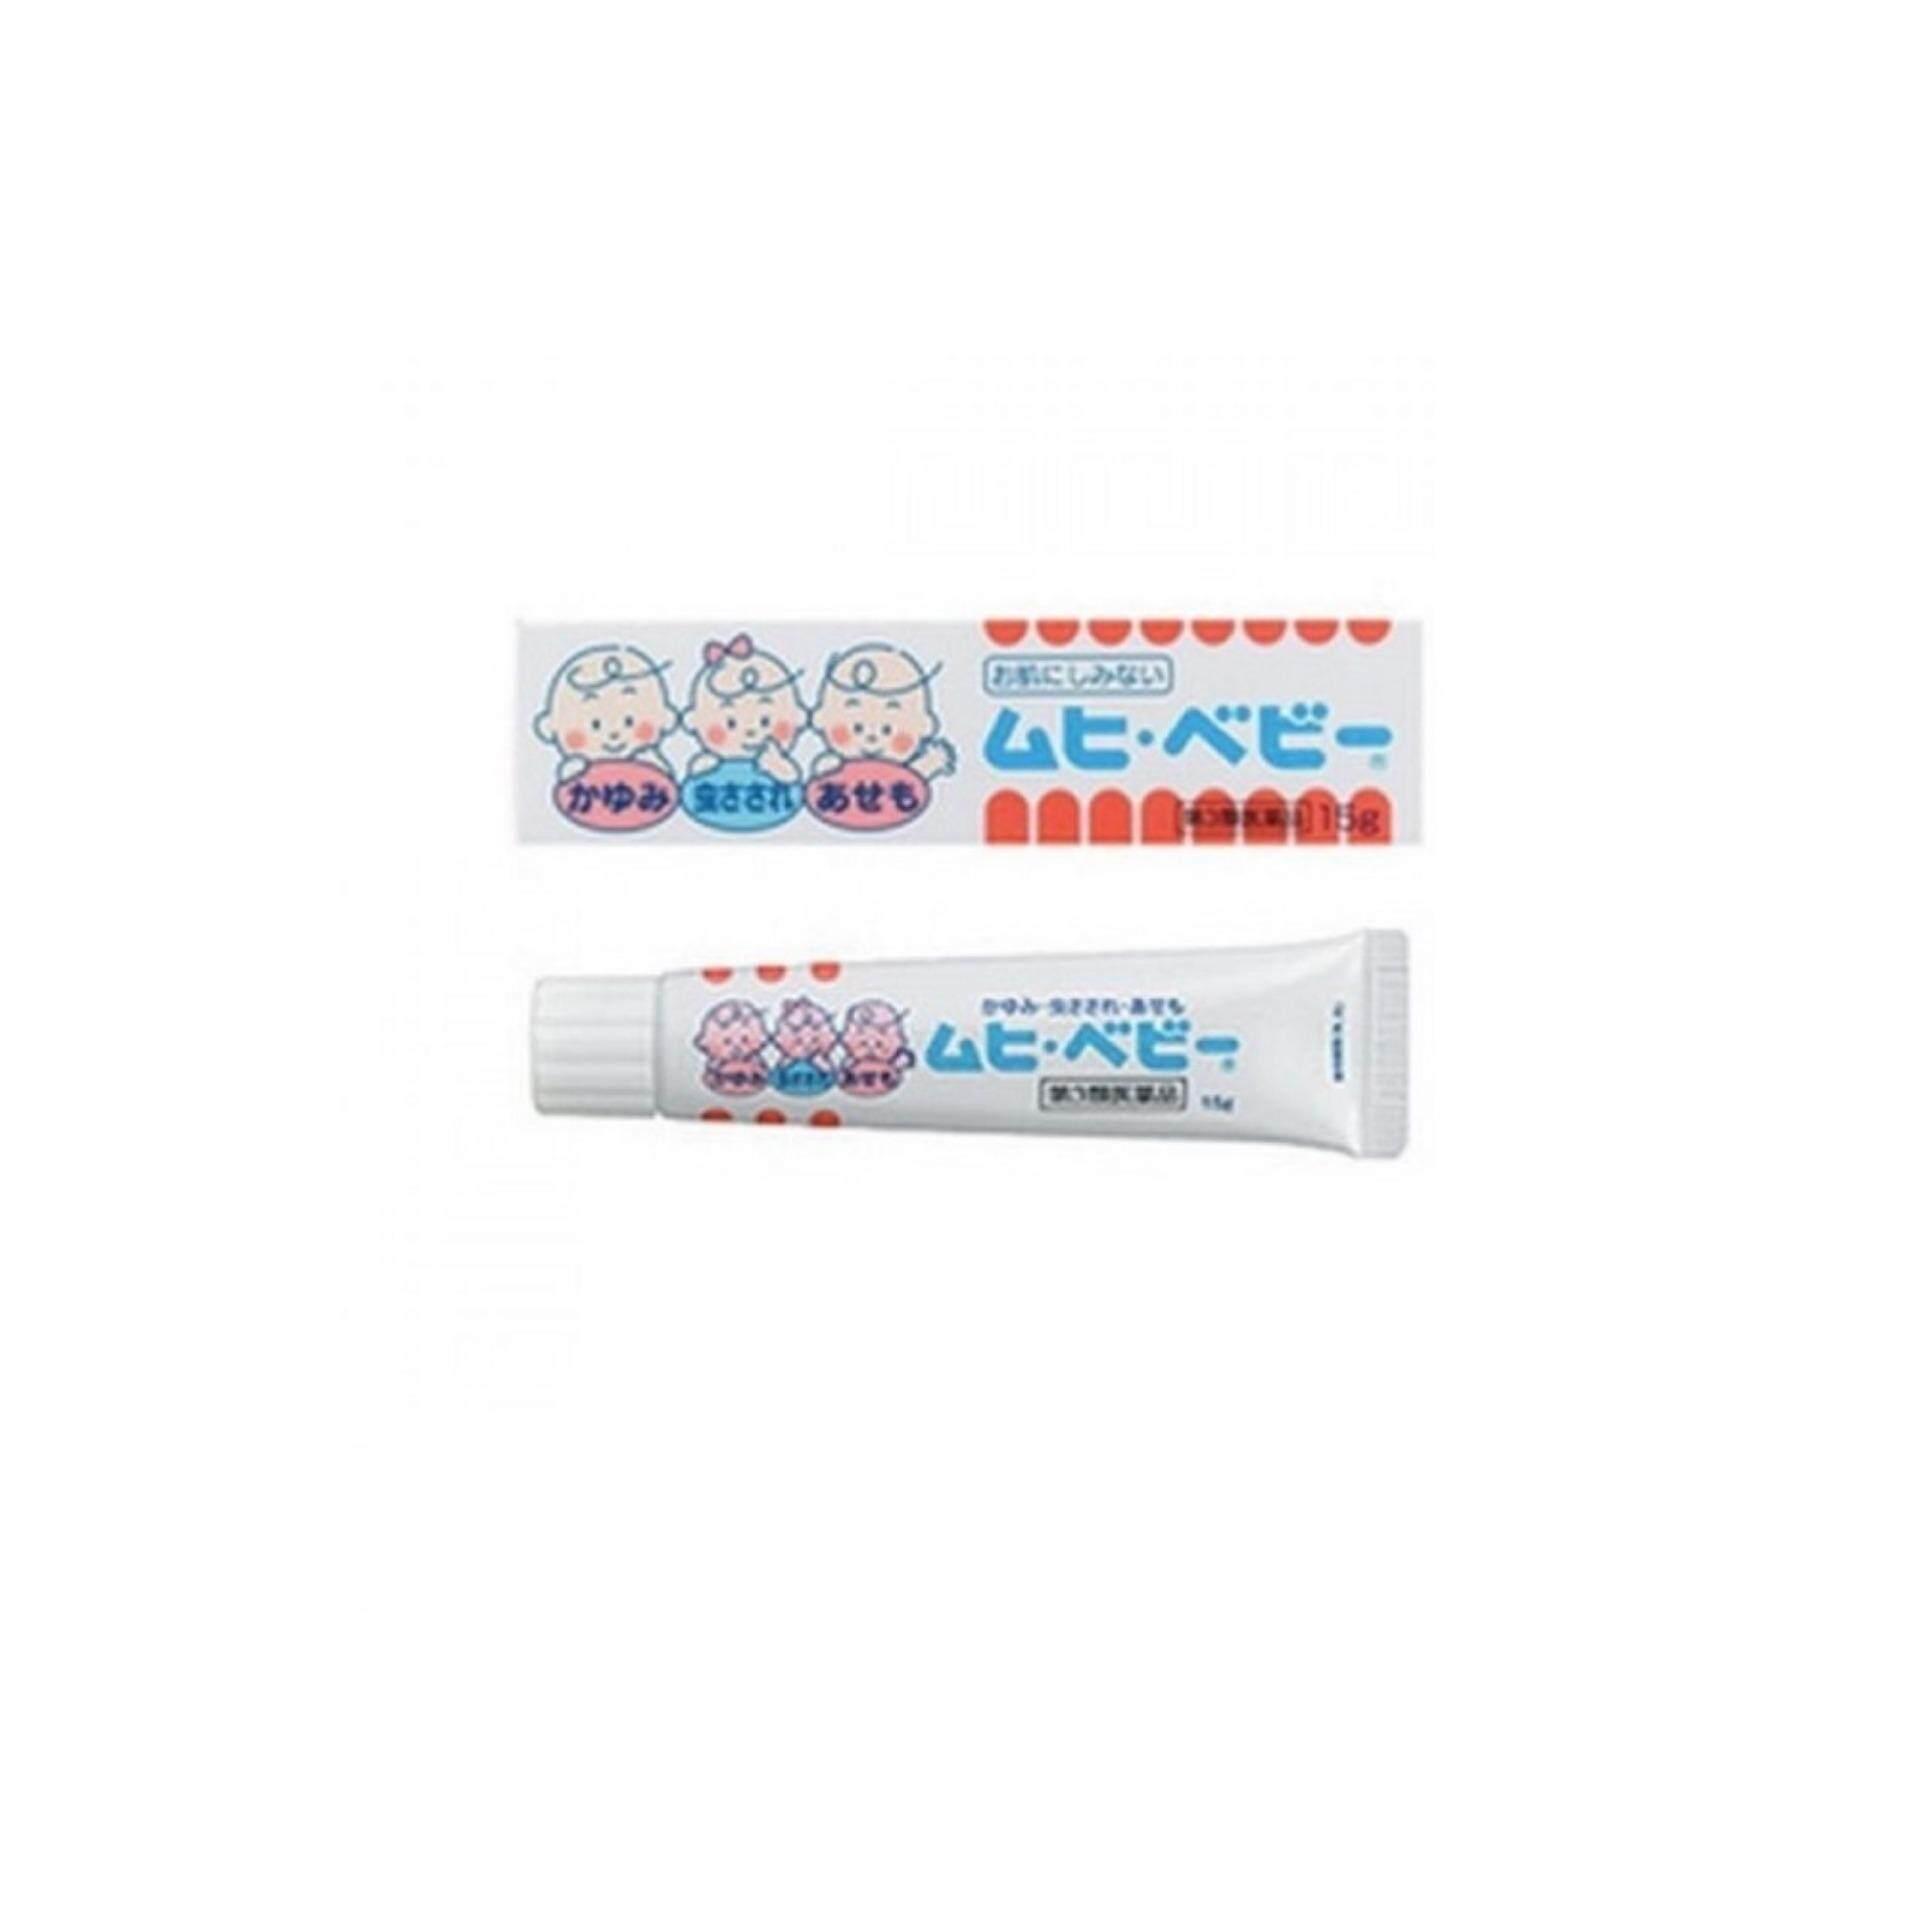 Muhi Baby Cream ครีมทาบรรเทาอาการแผลยุงกัด และแมลงกัดต่อย ยอดนิยมจากญี่ปุ่น ขนาด 15 กรัม จำนวน 1 หลอด